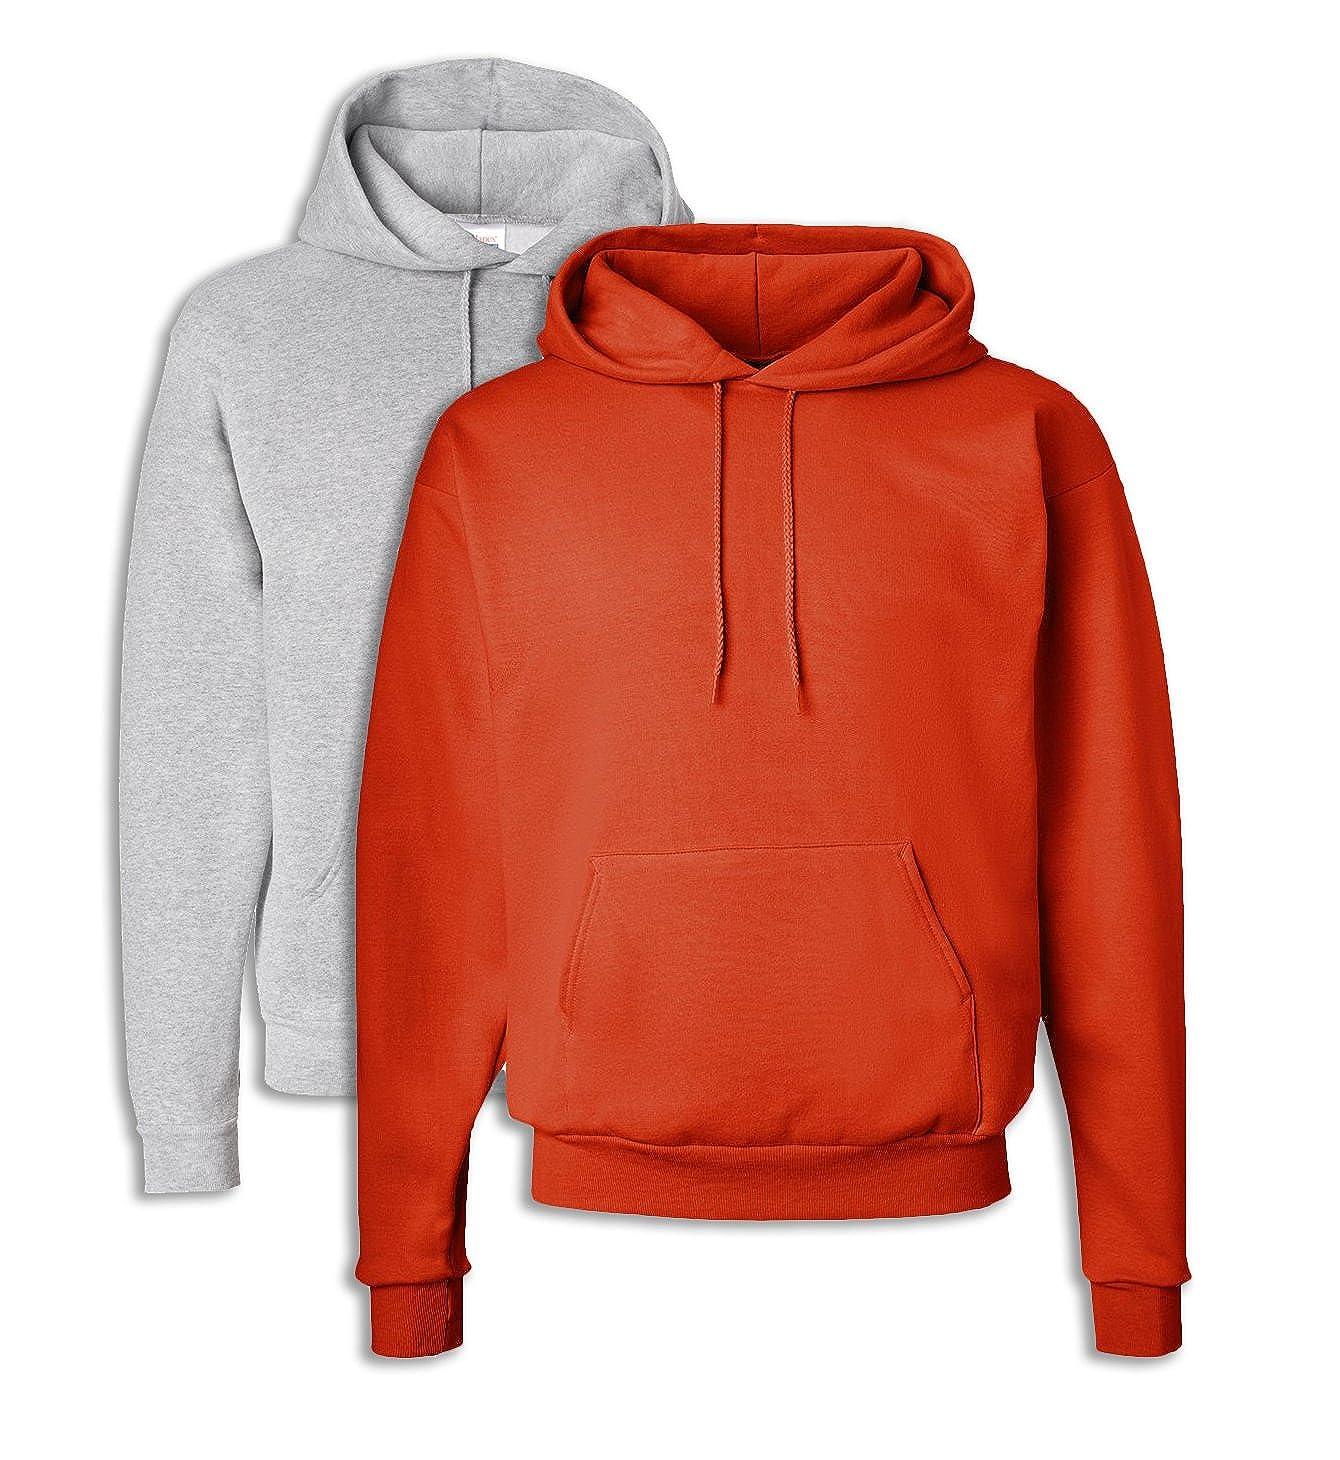 P170 Herren EcoSmart Kapuzen-Sweatshirt XL 1 Light Steel + 1 Orange